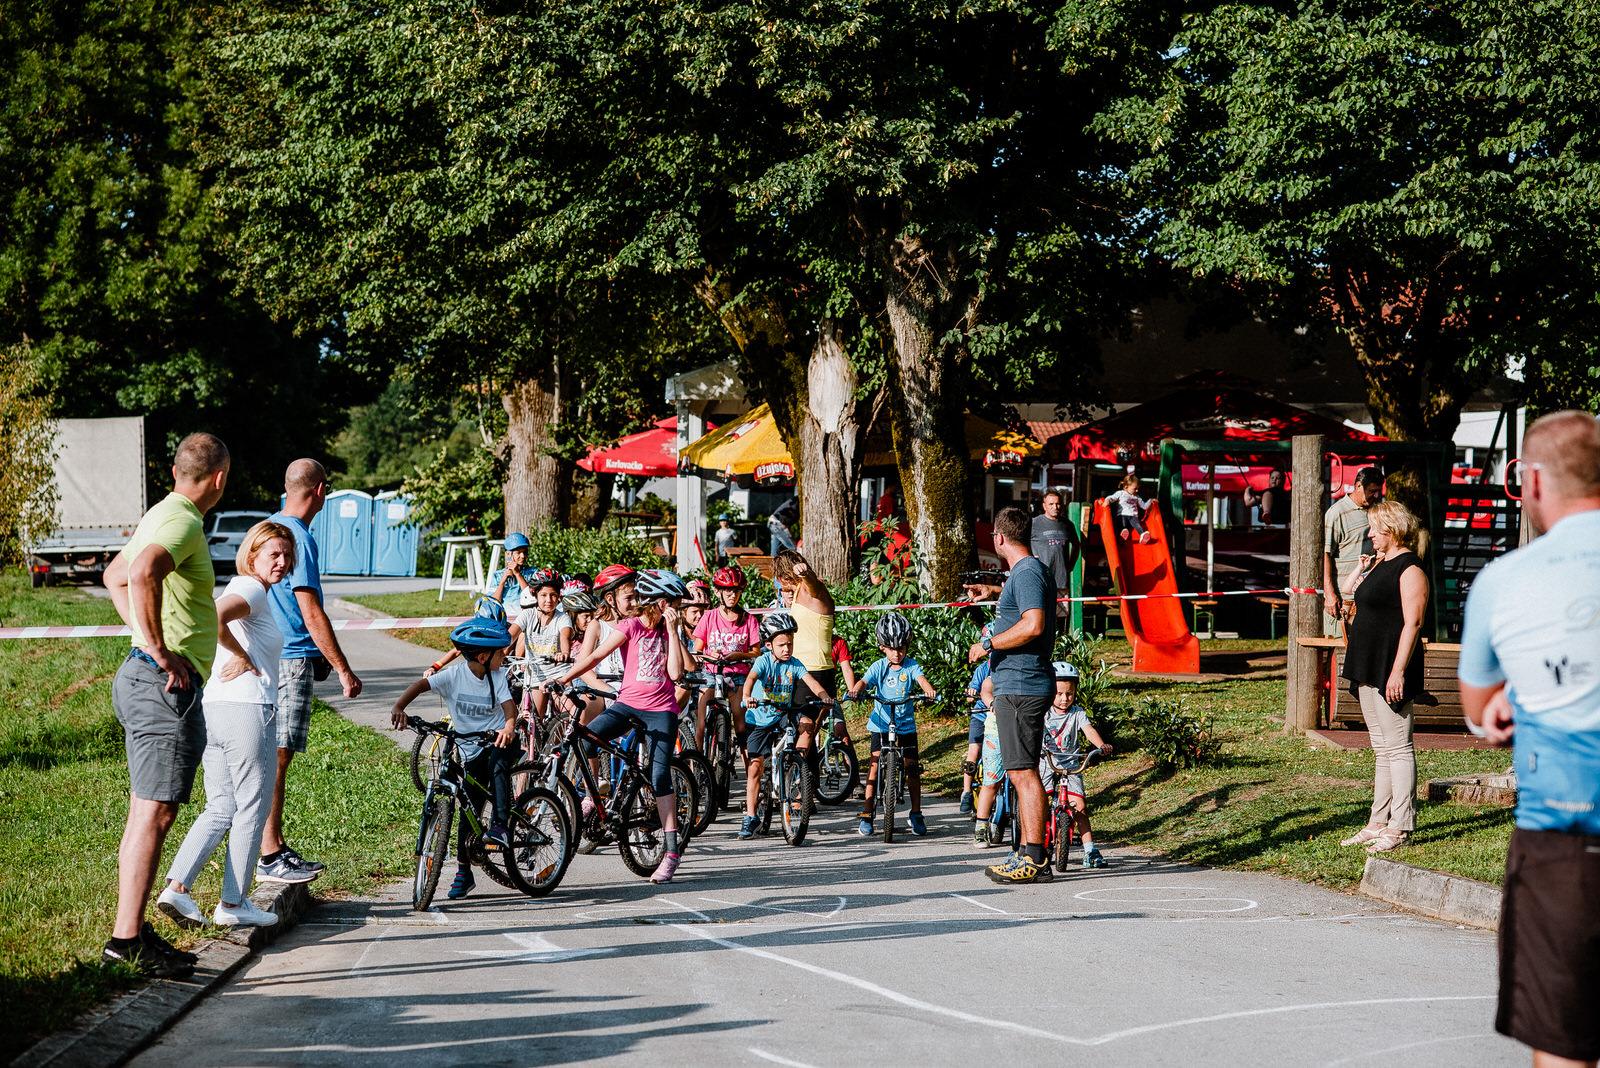 likaclub_rakovica_1-mala-biciklijada_2019-6